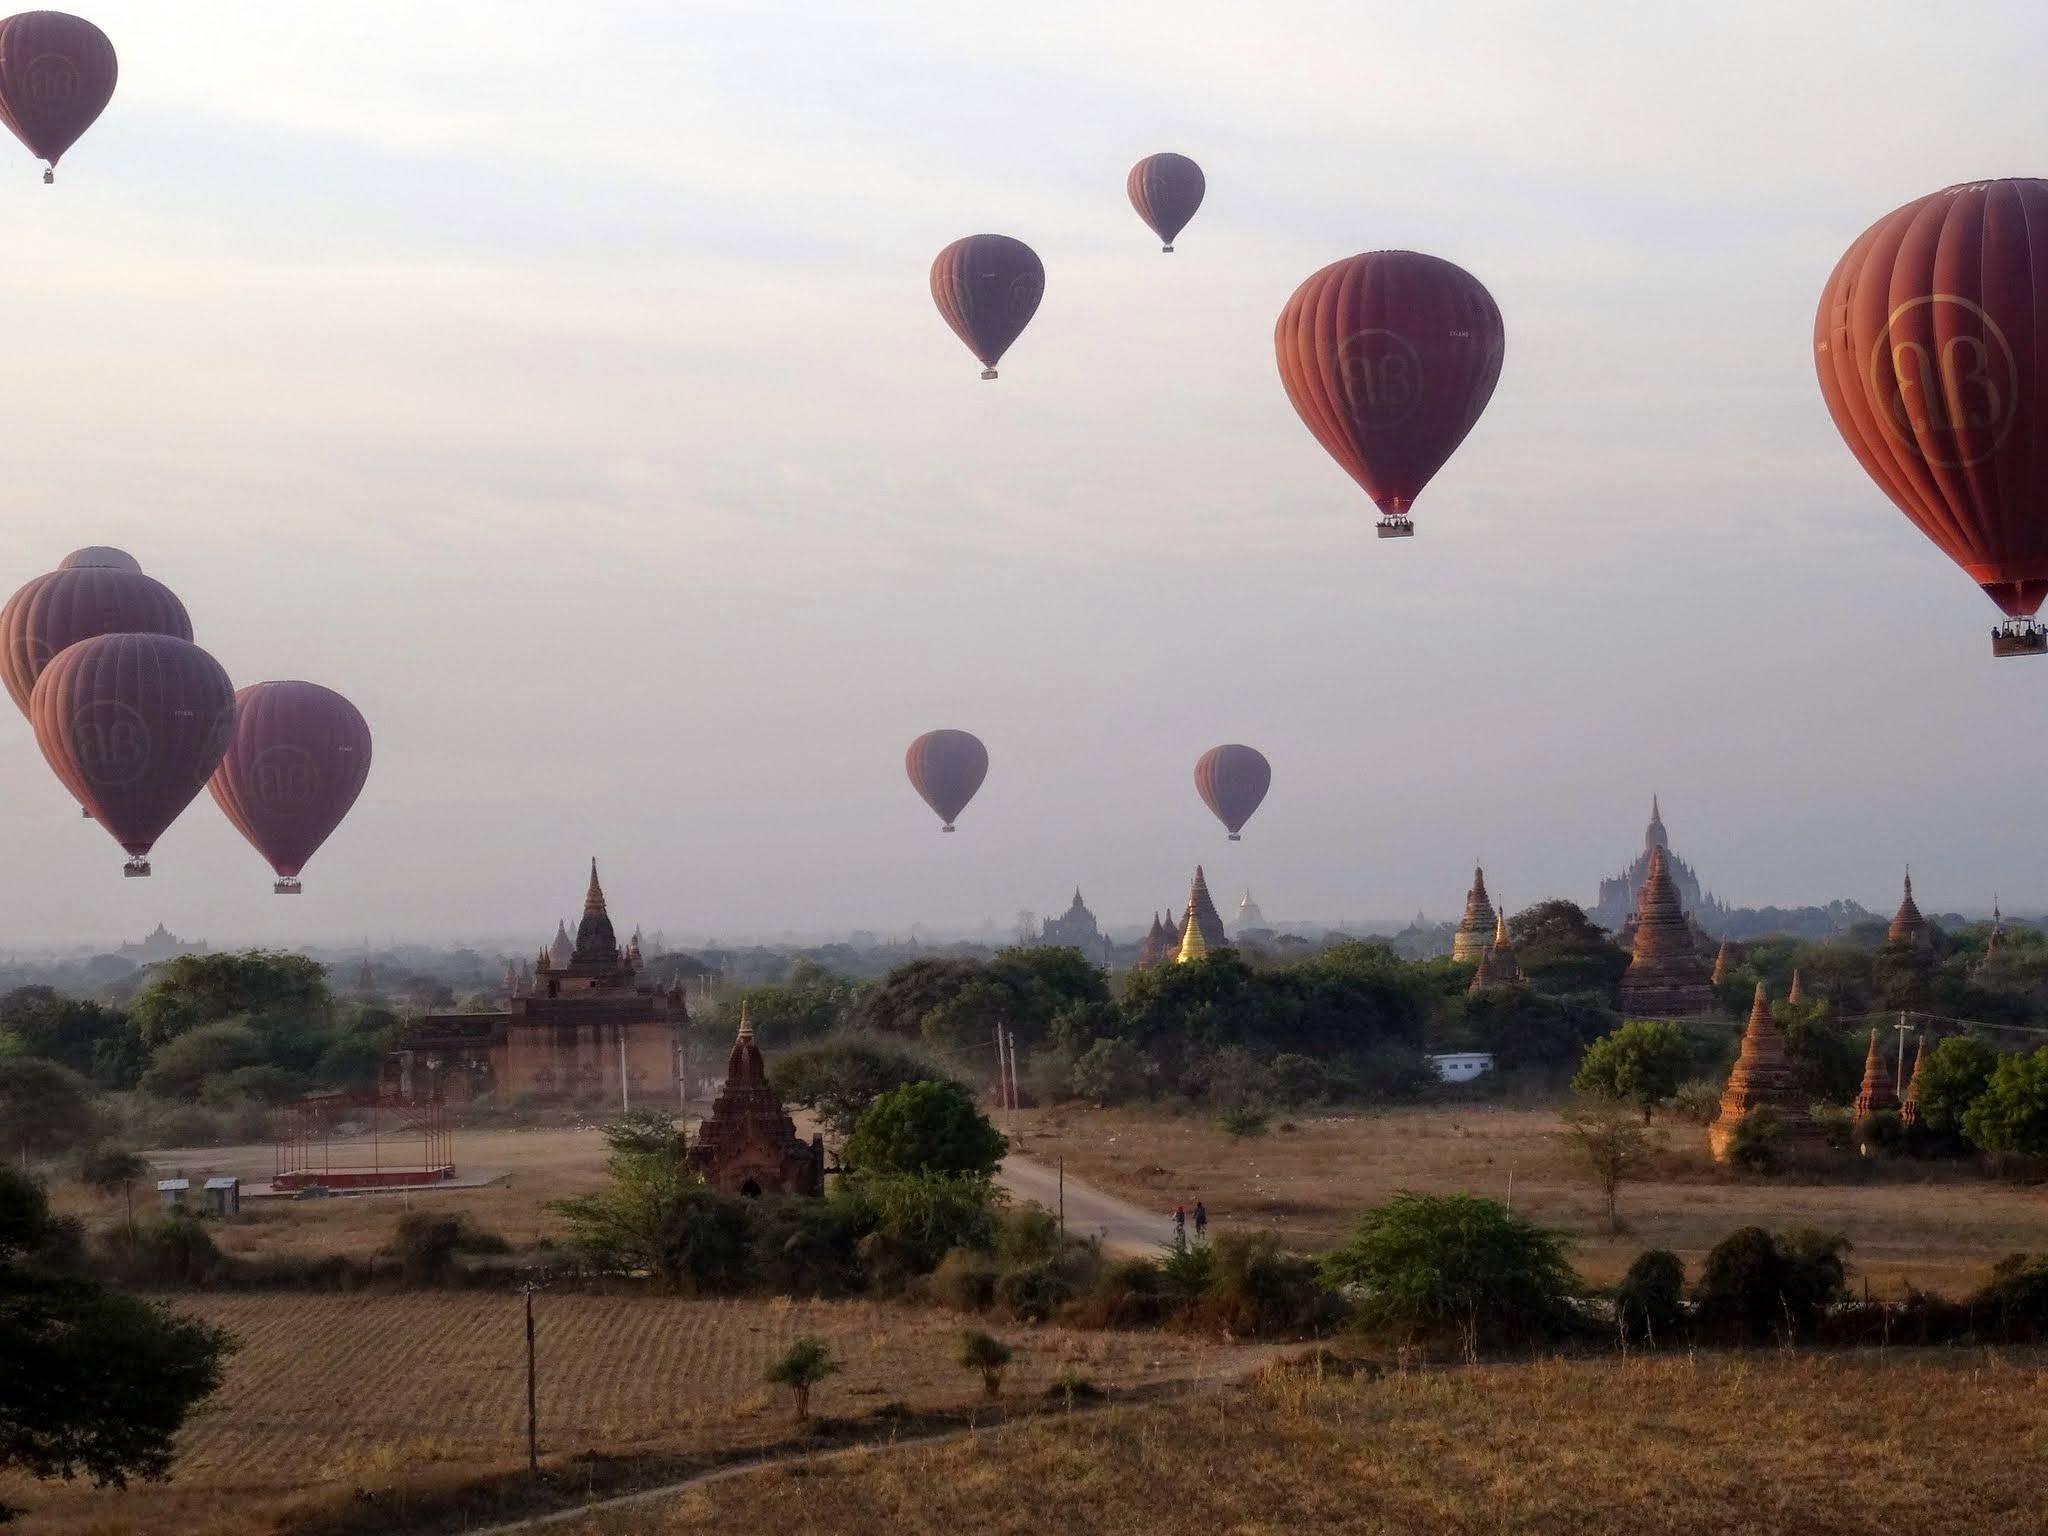 Photo 2: Bagan, l'incontournable site de la Birmanie